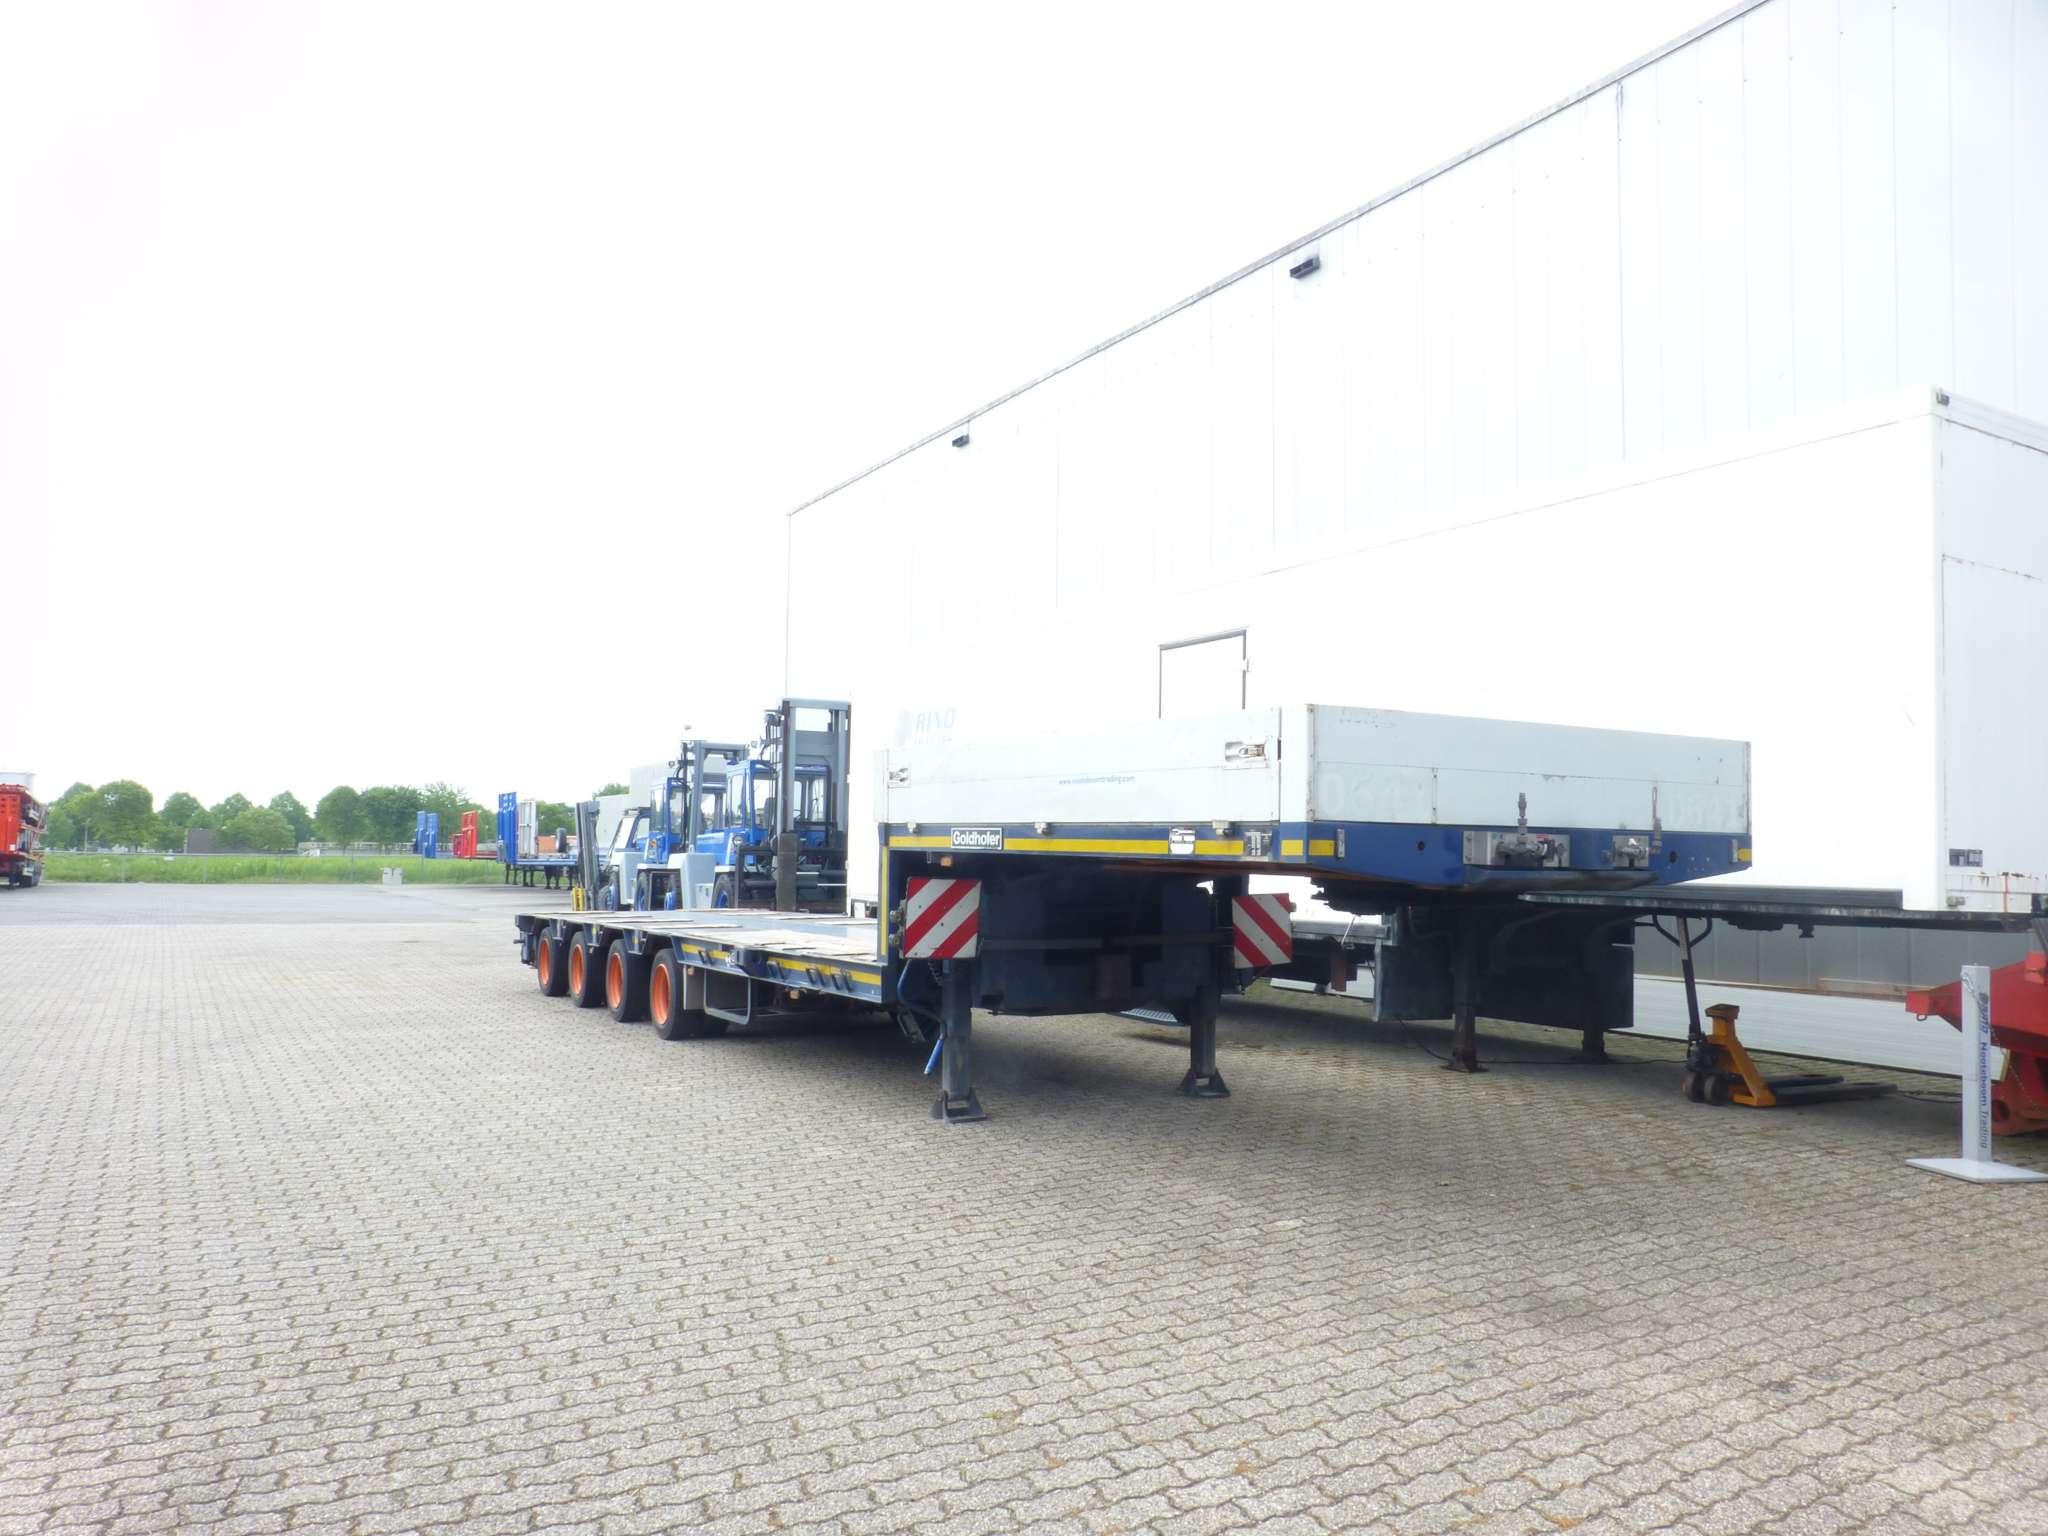 4 Assige semi dieplader | hydraulisch gestuurd | uitschuifbaar tot 14,6 m | laadvermogen 34,6 t